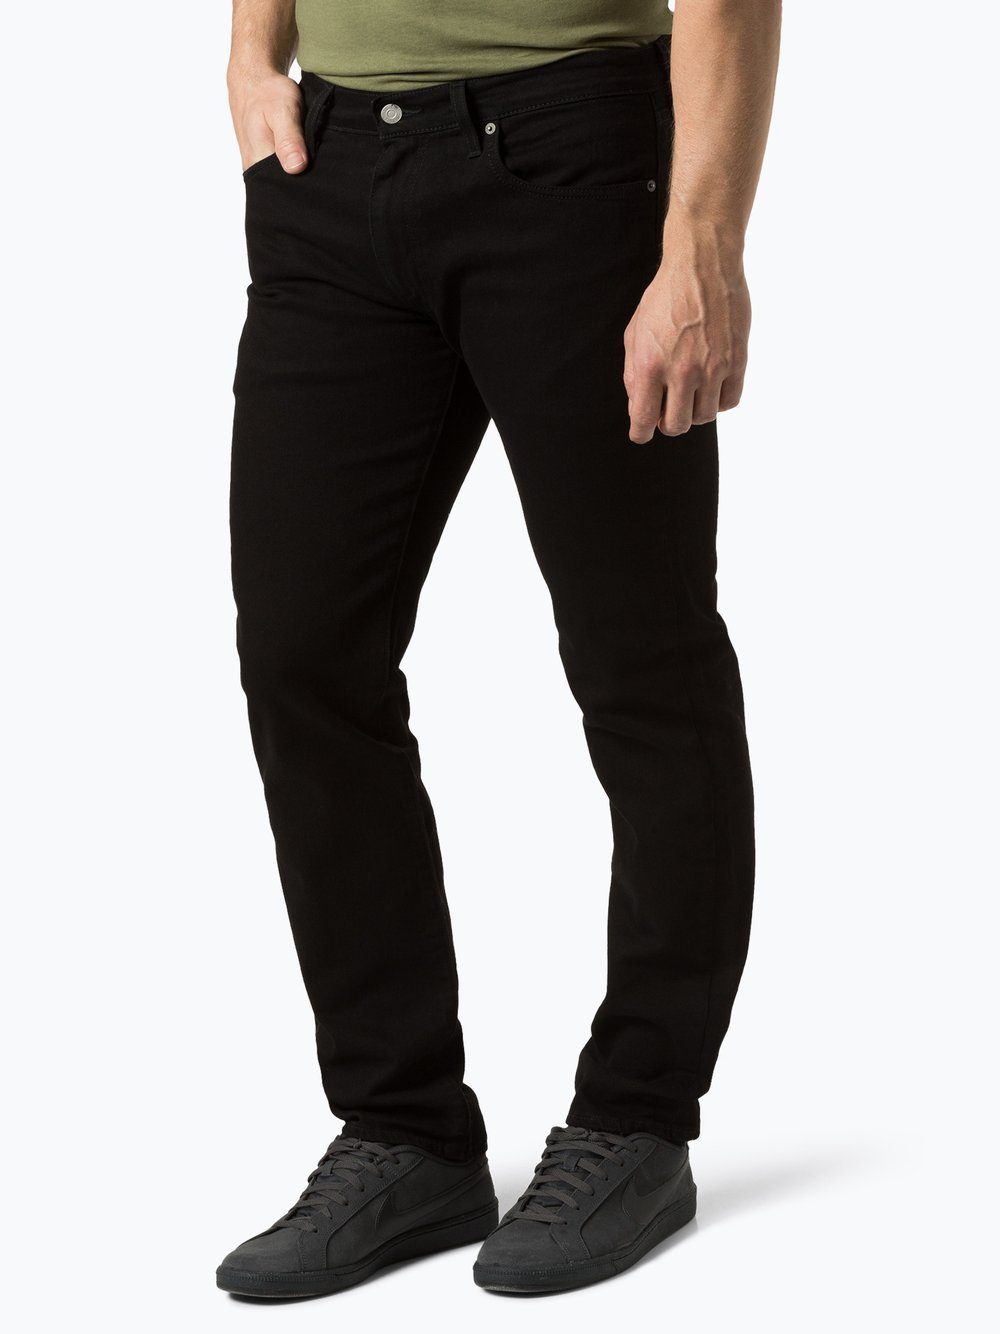 Levi's - Jeansy męskie, czarny